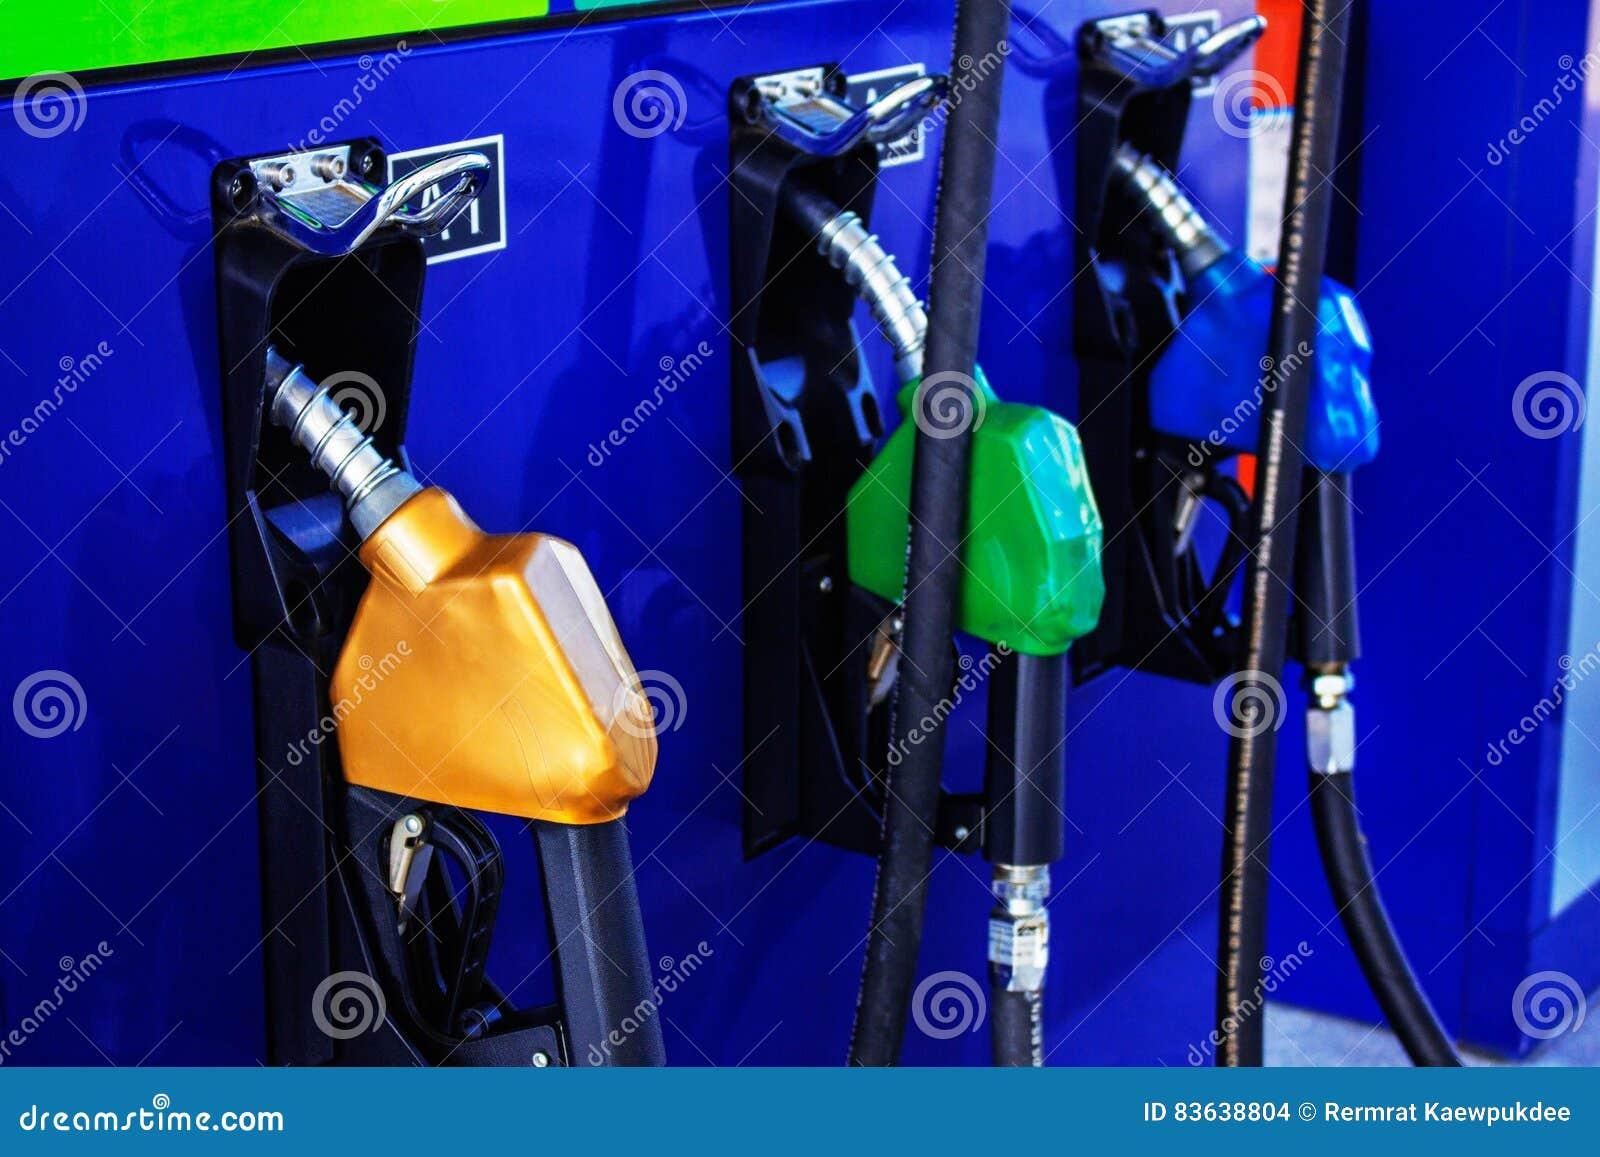 Gicleur d essence dans la station service